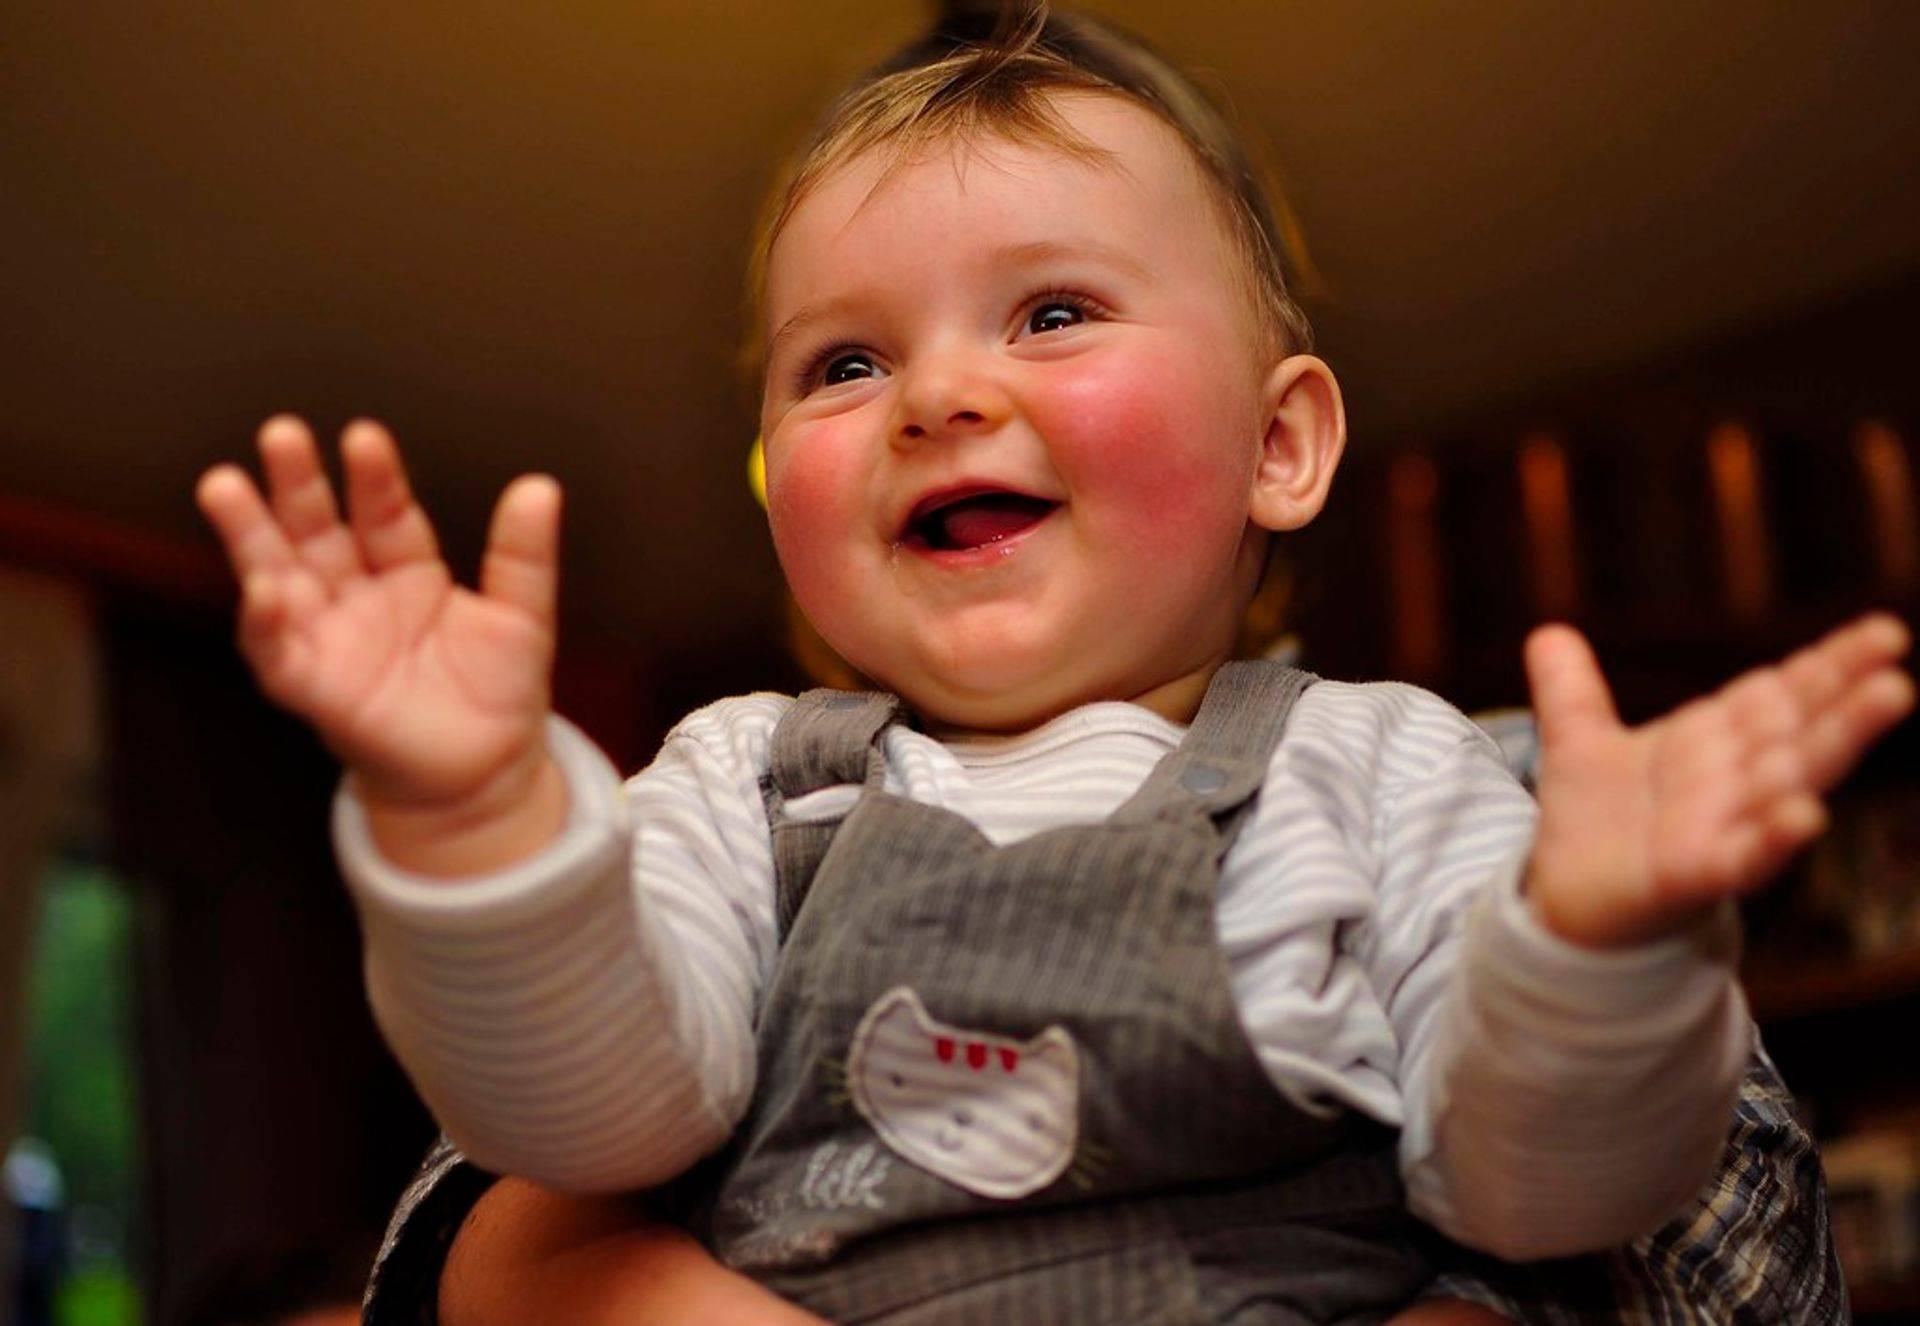 Les signes et bébés - Formation signes2mains